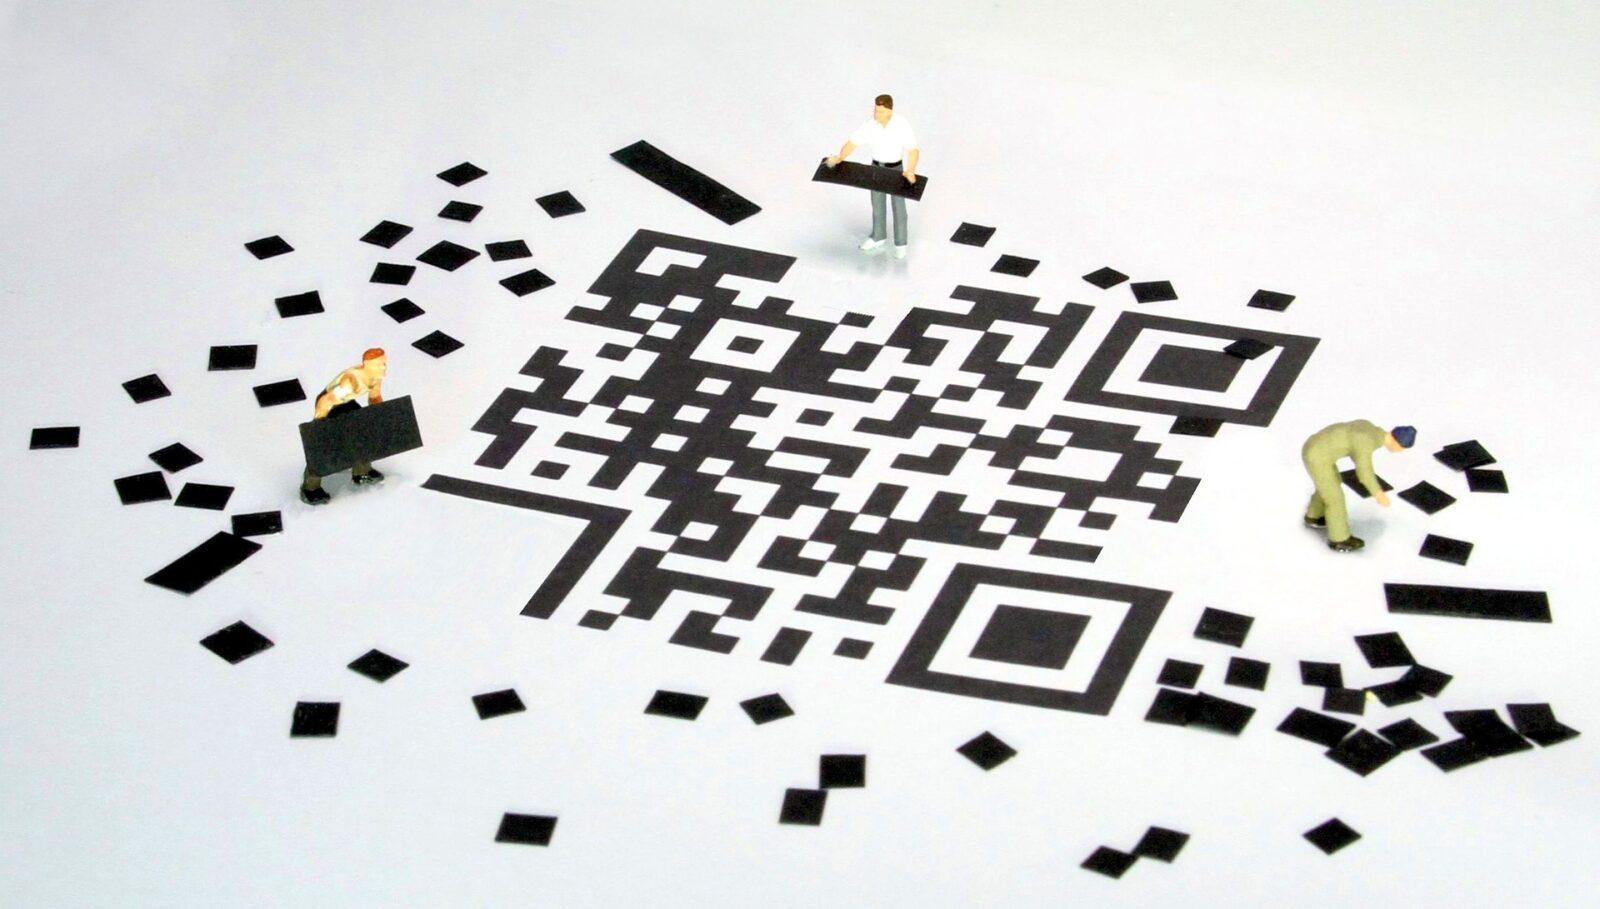 Мошенники научились подделывать QR-коды на документах: топ-5 новых уловок киберкриминала (qr code 3970681 1920)